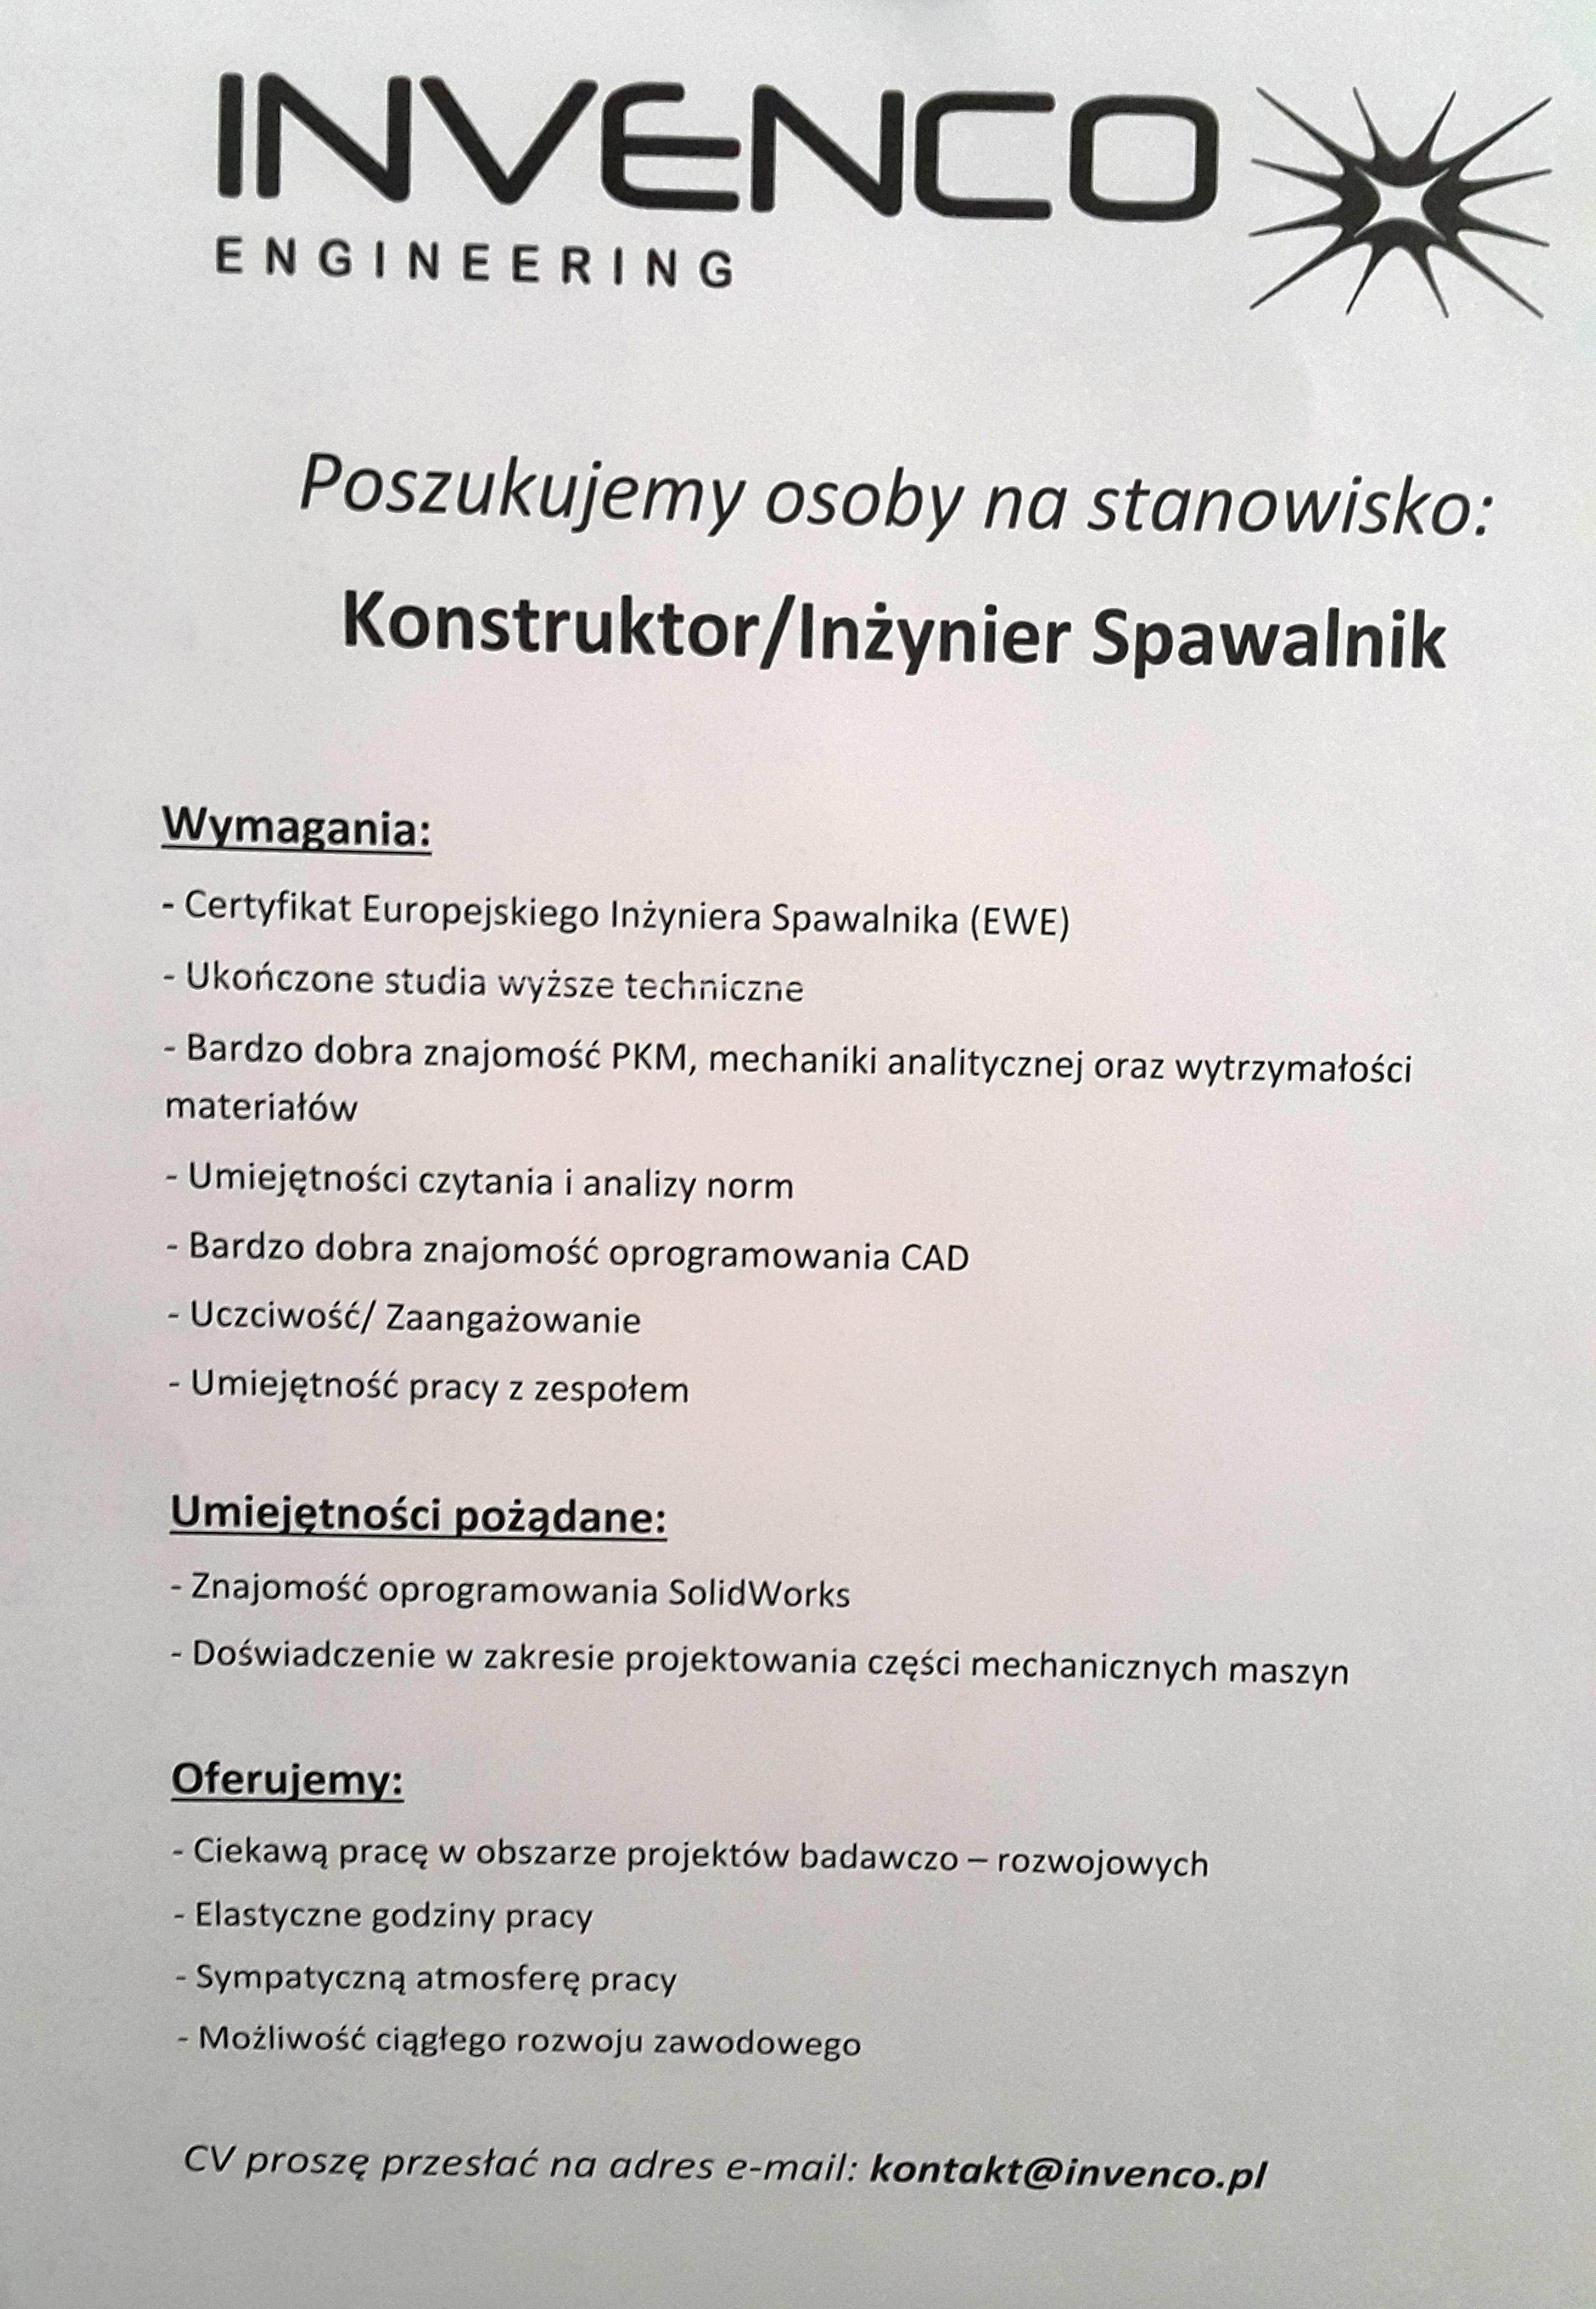 Invenco.pl - Konstruktor_Inżynier Spawalnik